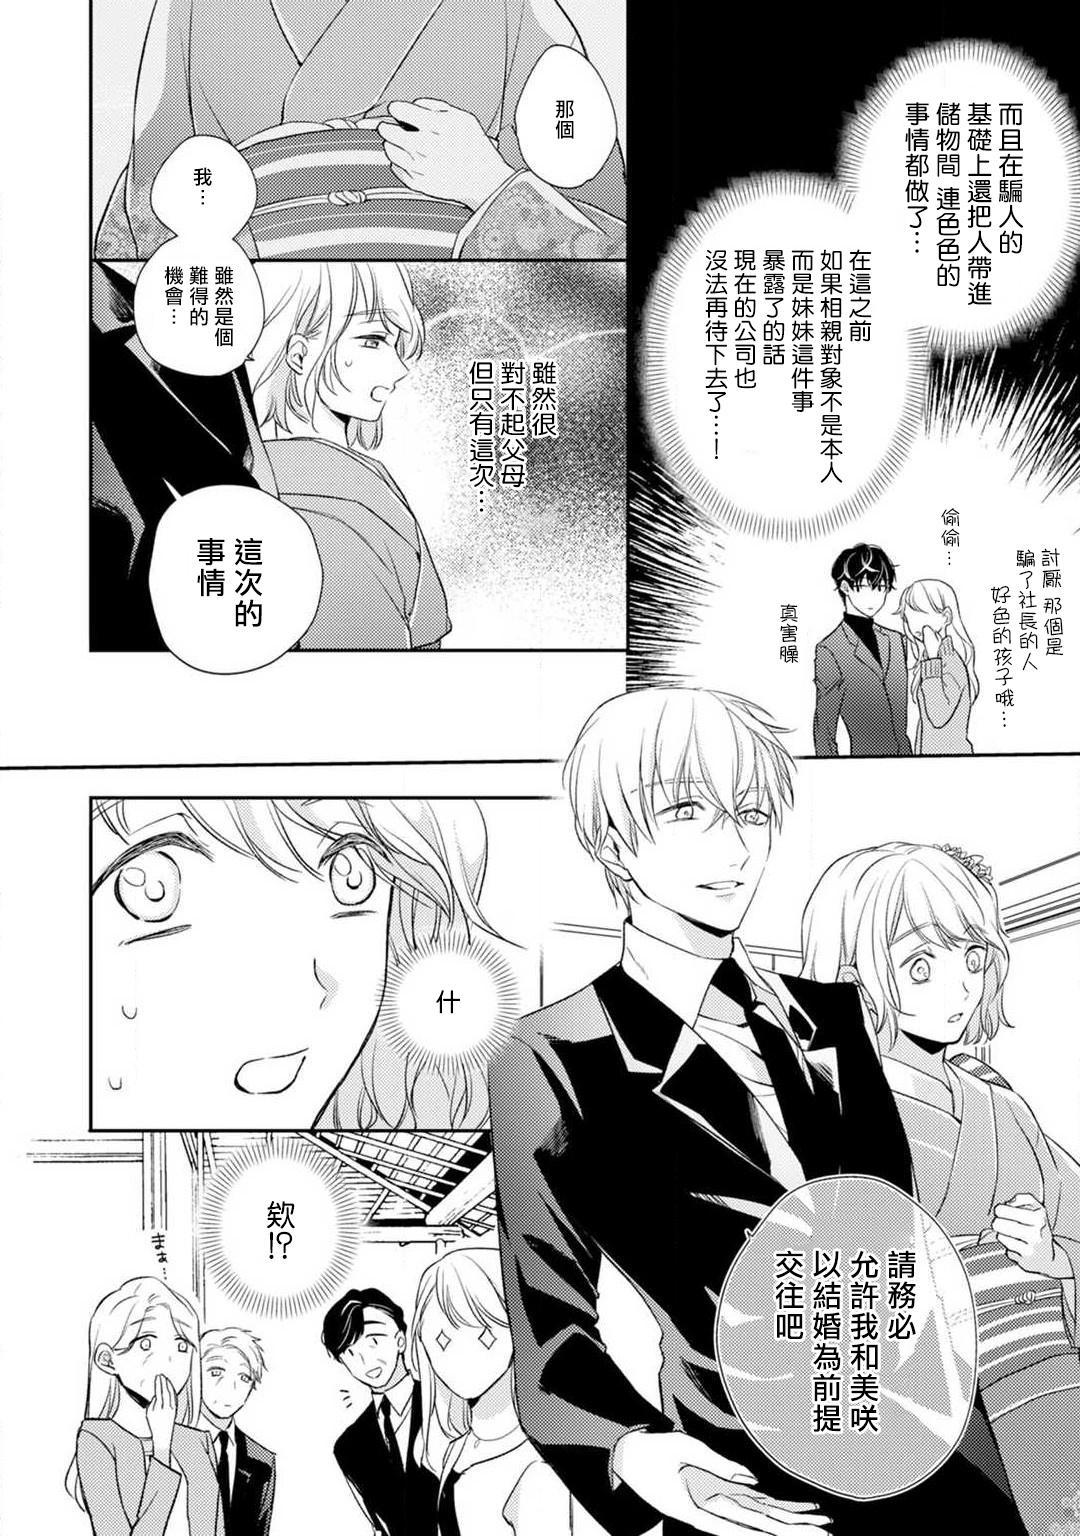 [Shichigatsu Motomi]  Sonna Kao shite, Sasotteru? ~Dekiai Shachou to Migawari Omiaikekkon!?~ 1-7 | 這種表情,在誘惑我嗎?~溺愛社長和替身相親結婚!? act.1 [Chinese] [拾荒者汉化组] 28